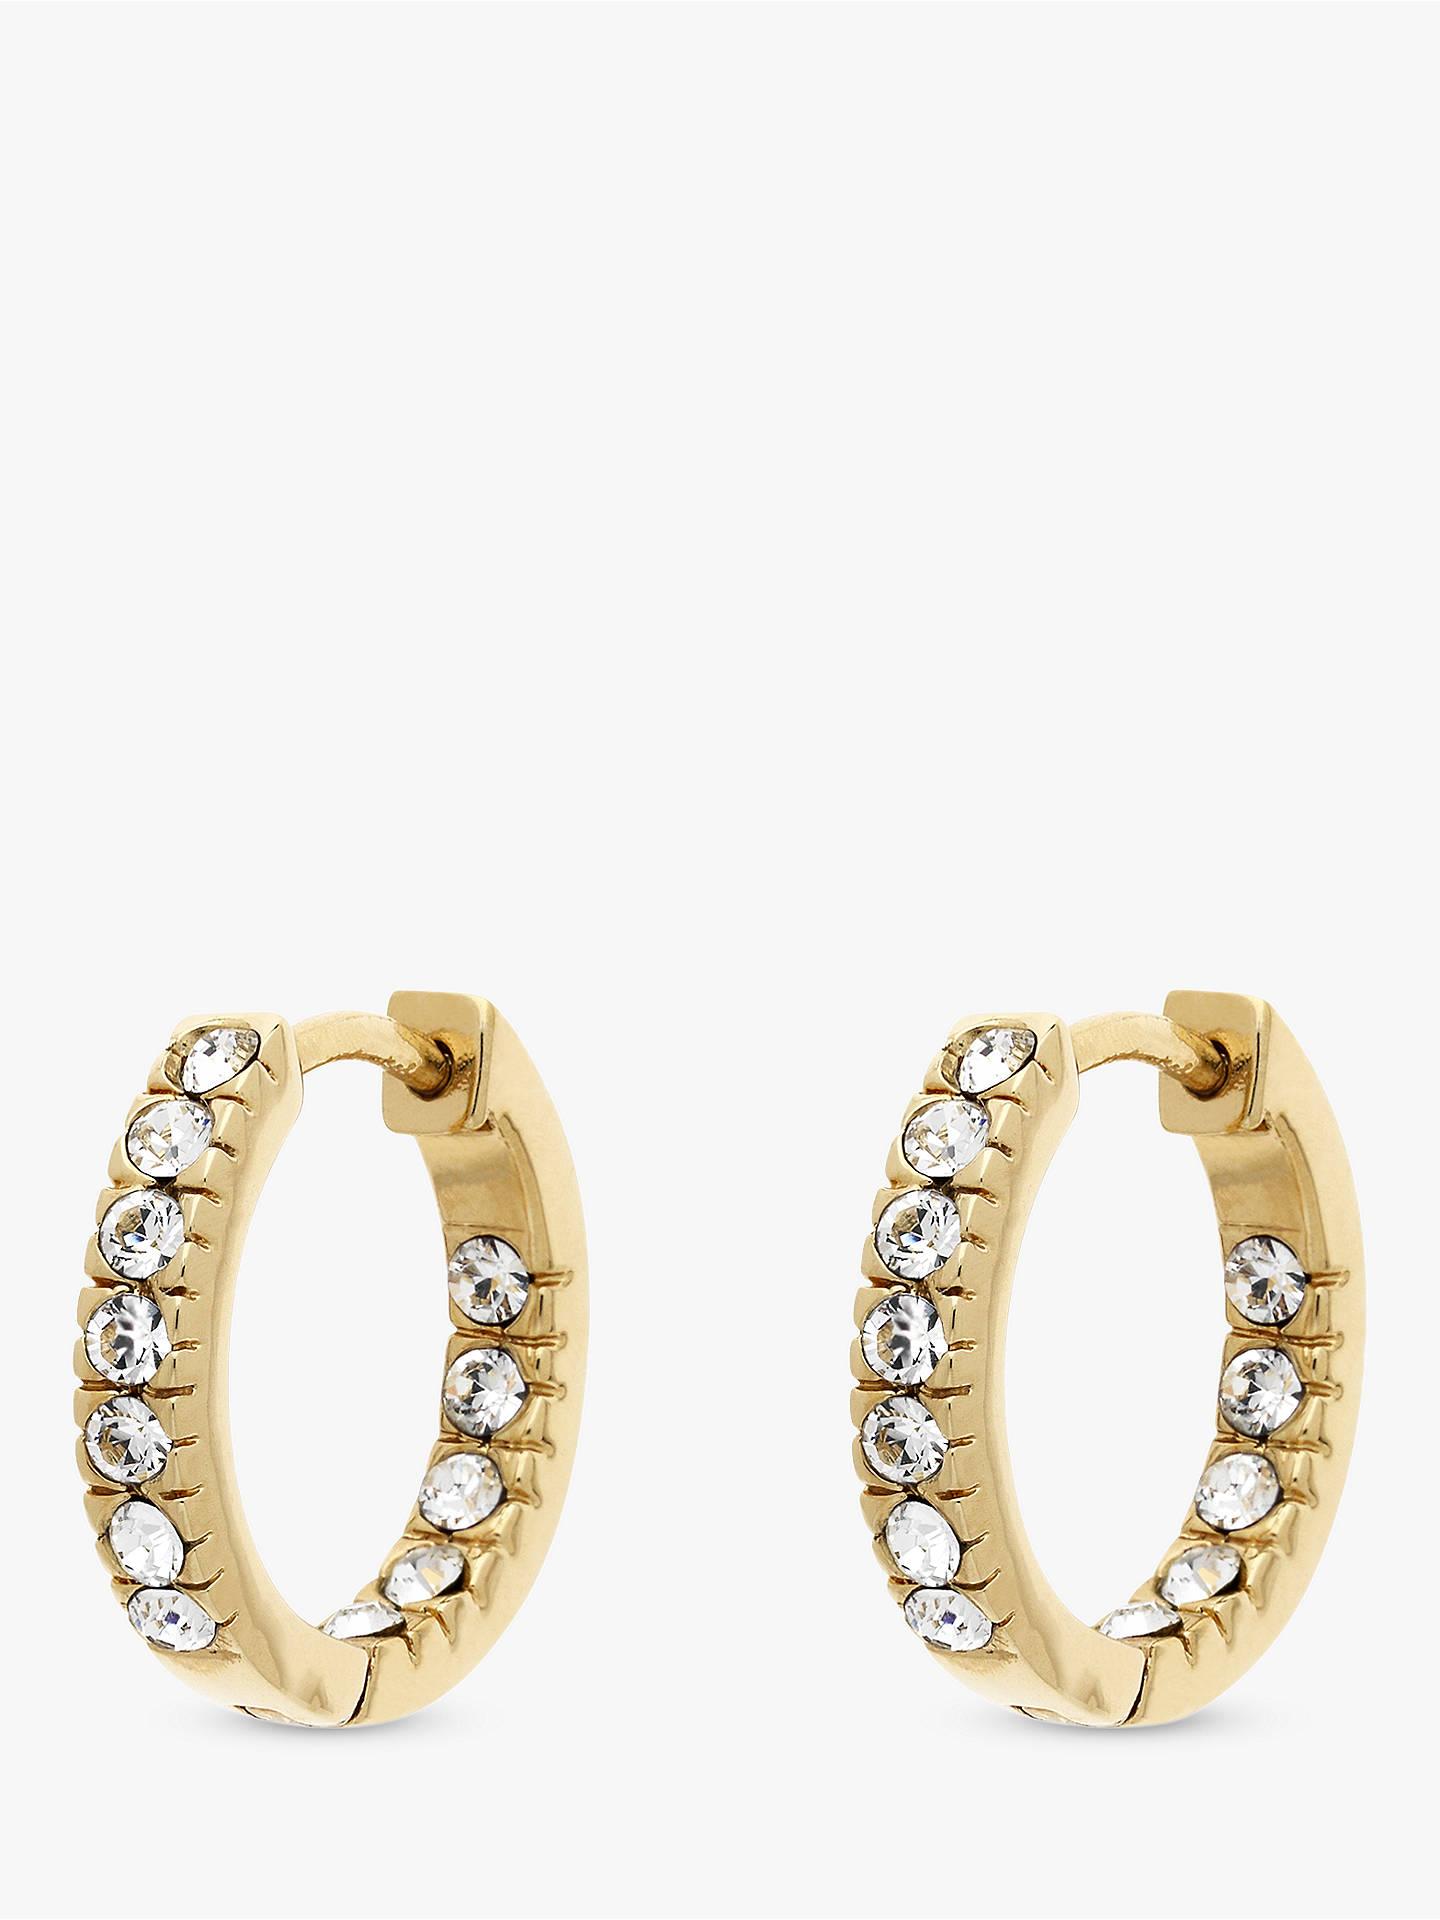 17dfb8fde Buy Melissa Odabash Swarovski Crystal Hoop Earrings, Gold Online at  johnlewis.com